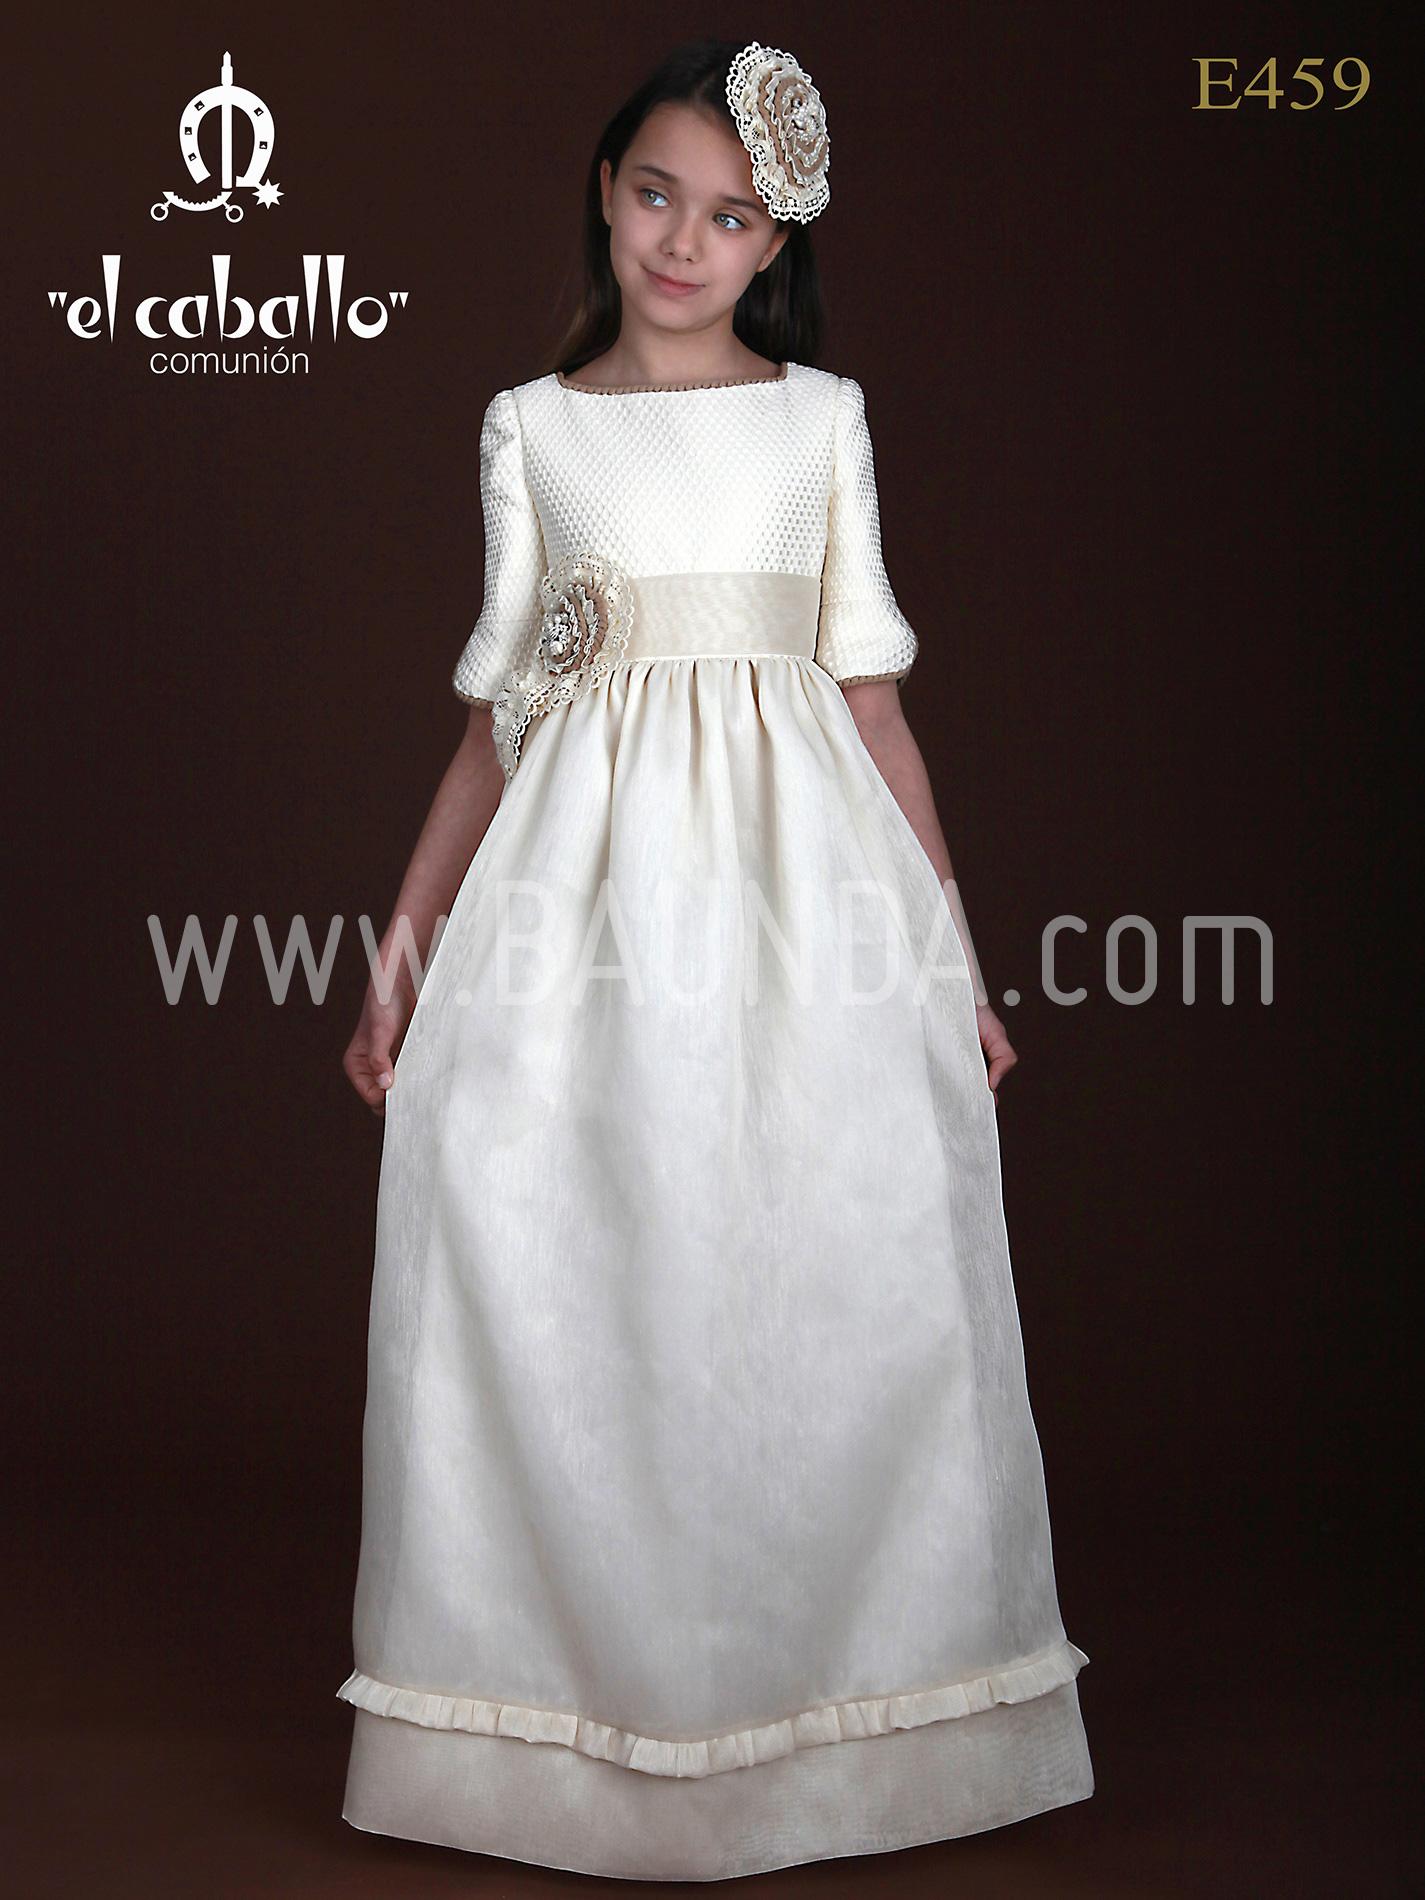 7aa39d608 Estilo-francés-Mint-Vestidos-de-Baile-Cristales-Rebordear-Gasa-Larga- Vestidos-de-Fiesta-Vestido-de-Fiesta